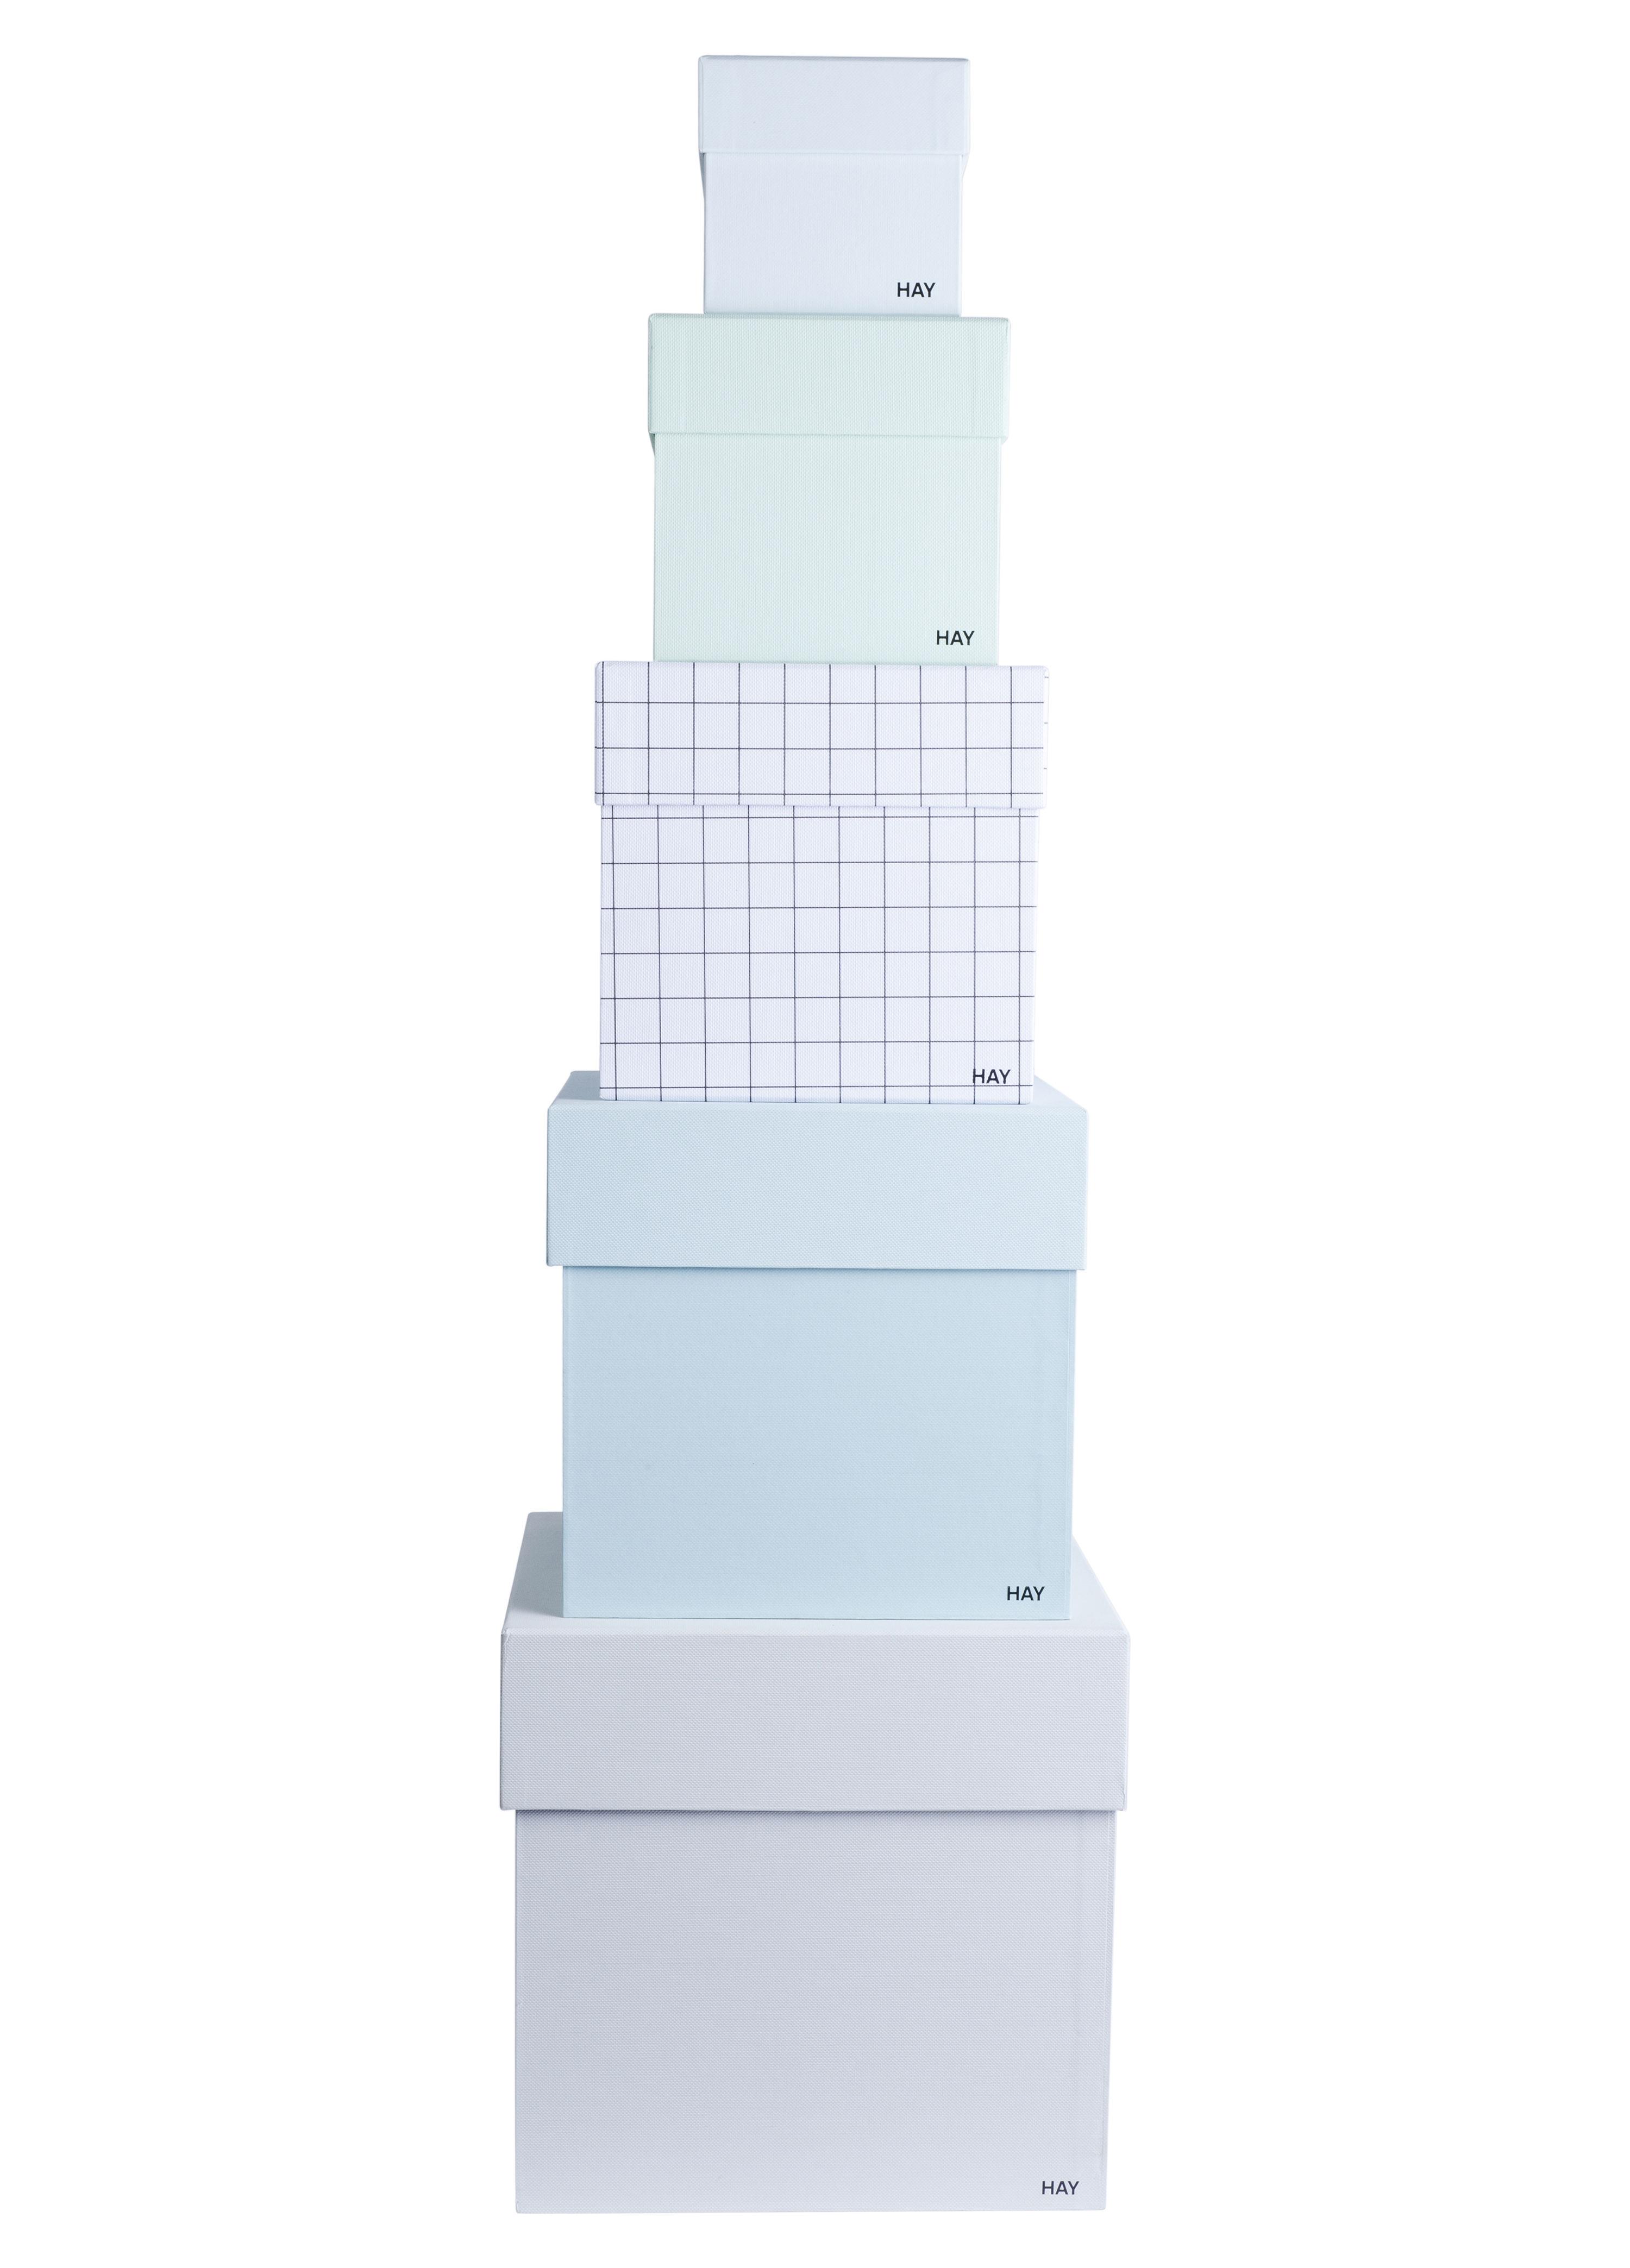 ... Accessori moda - Accessori ufficio - Scatola Box Box - lotto da 5  scatole di Hay f1d793164306